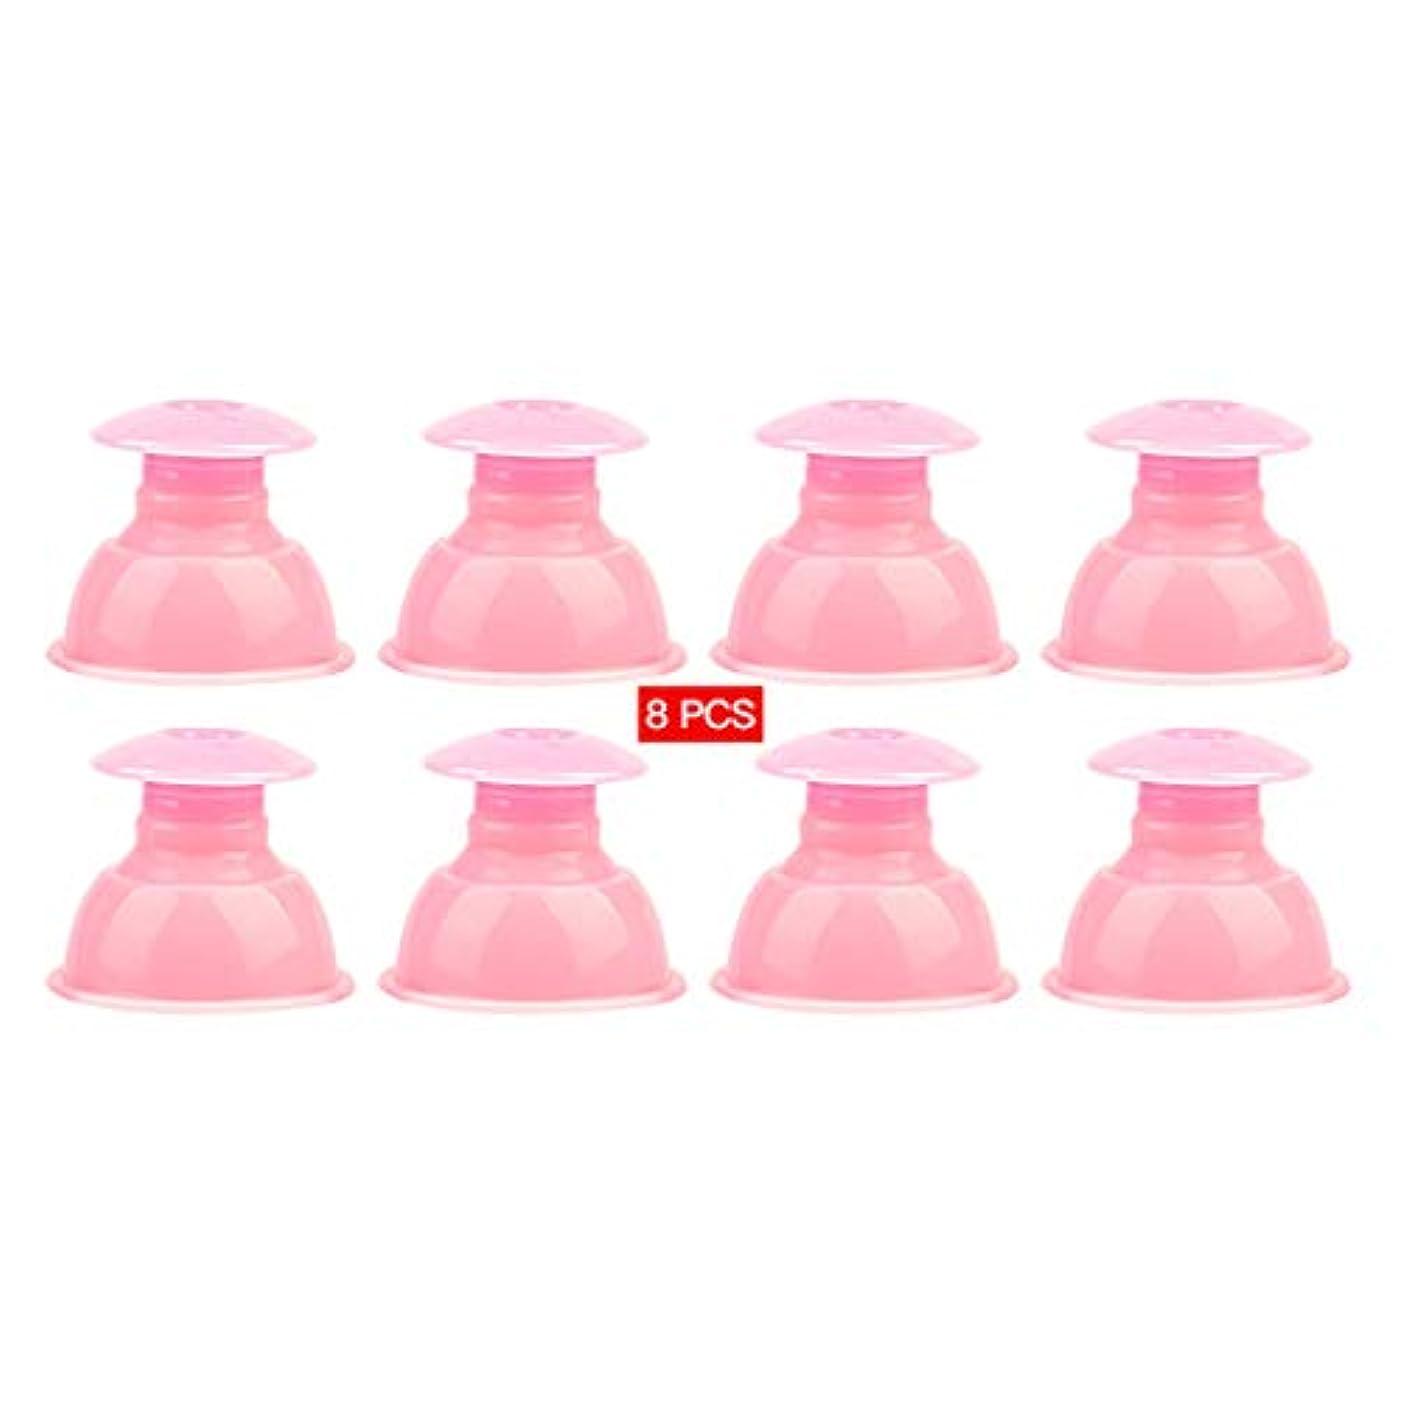 隠すパートナー輝く吸い玉 カッピング シリコン製 水洗いOK 繰り返し使える 55×35×48mm 8個セット ピンク